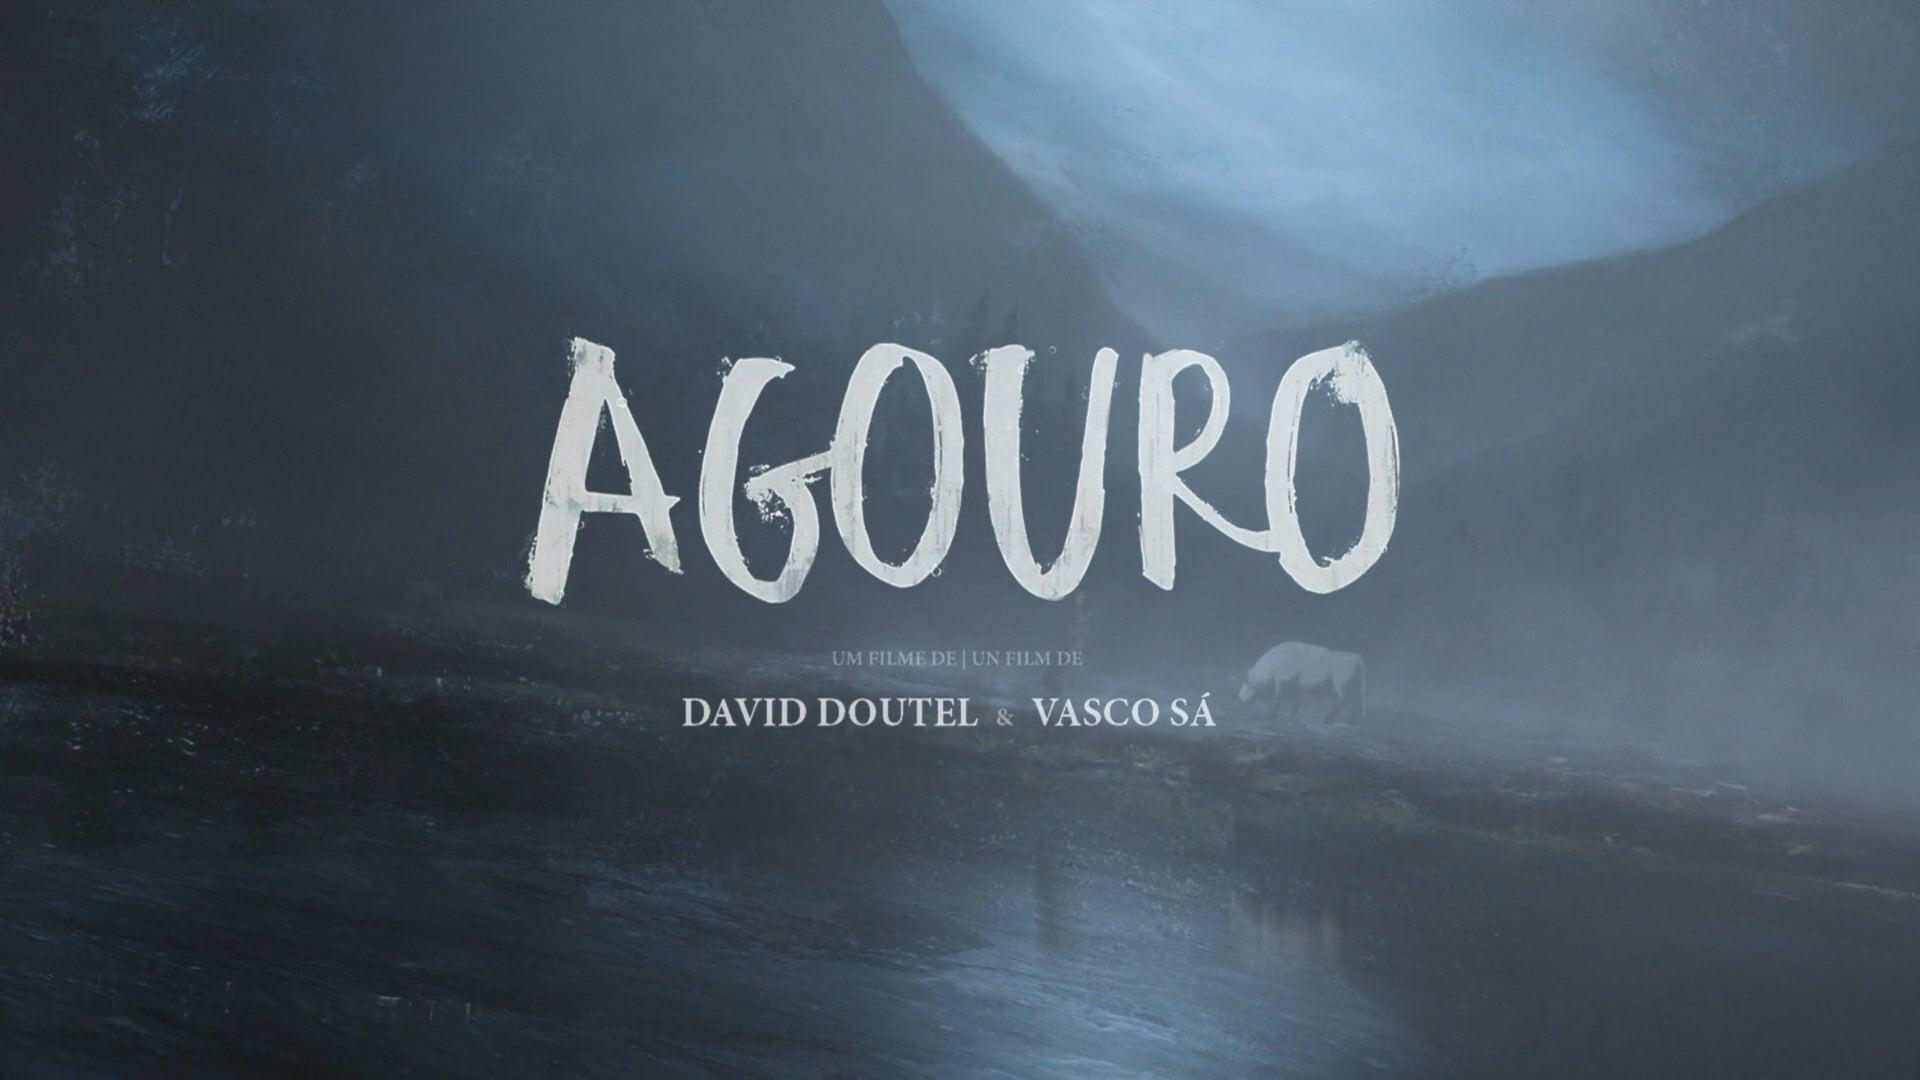 AGOURO by David Doutel & Vasco Sá I Portugal / France